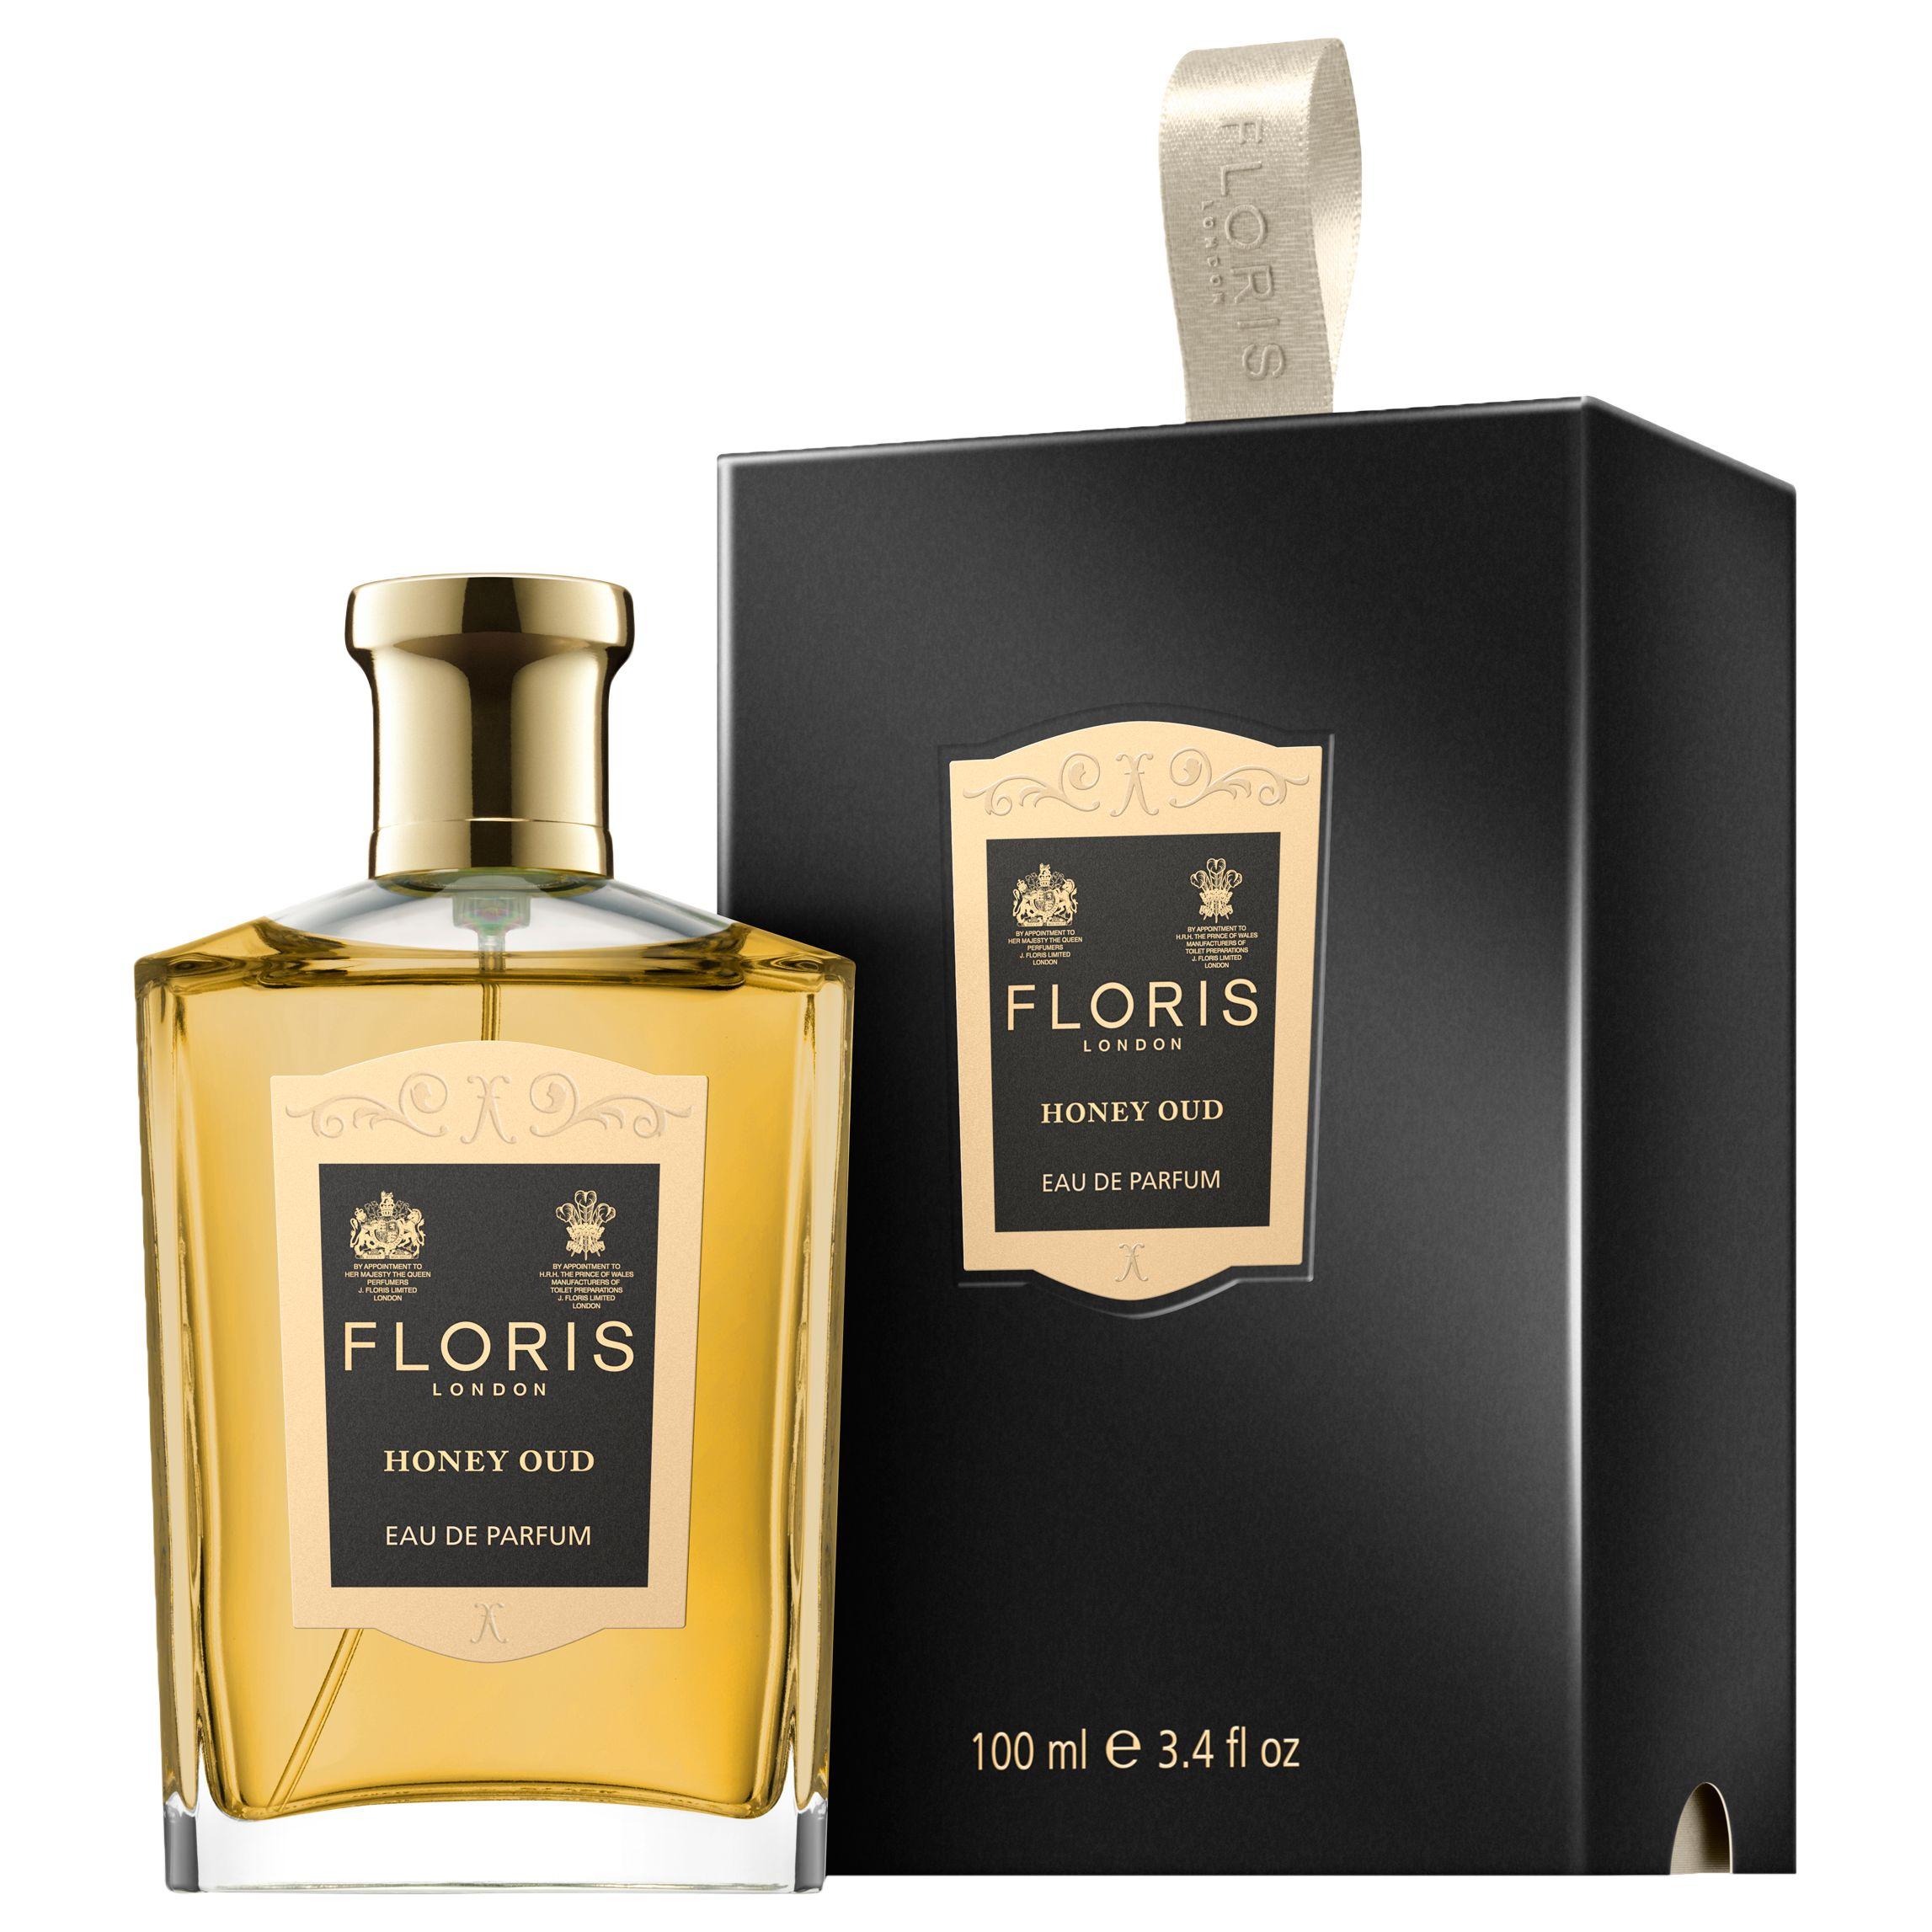 Floris Floris Honey Oud Eau de Parfum, 100ml